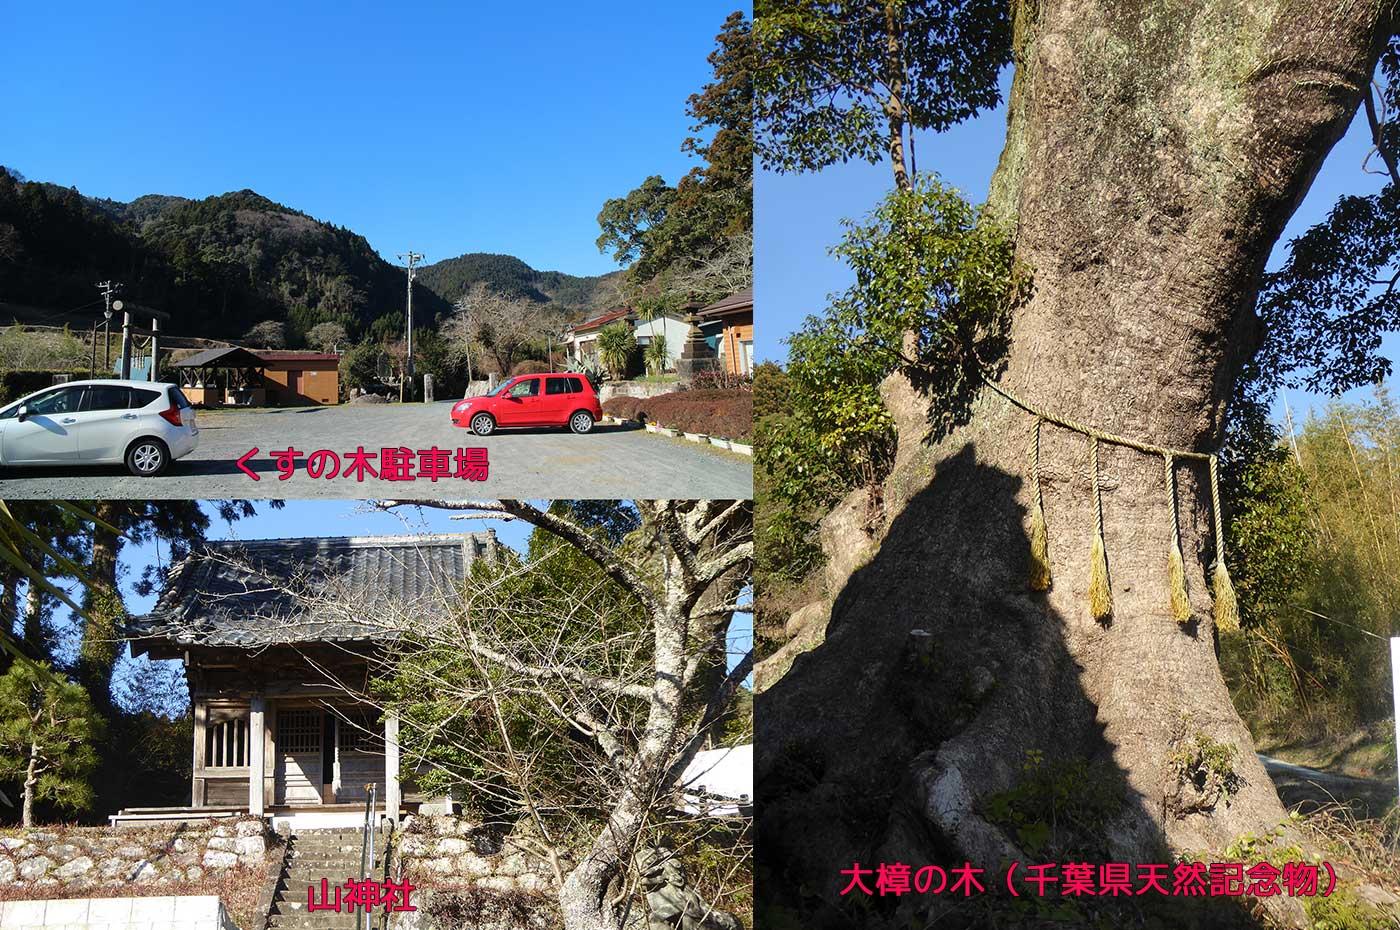 自然の宿くすの木 山神社と大樟の木